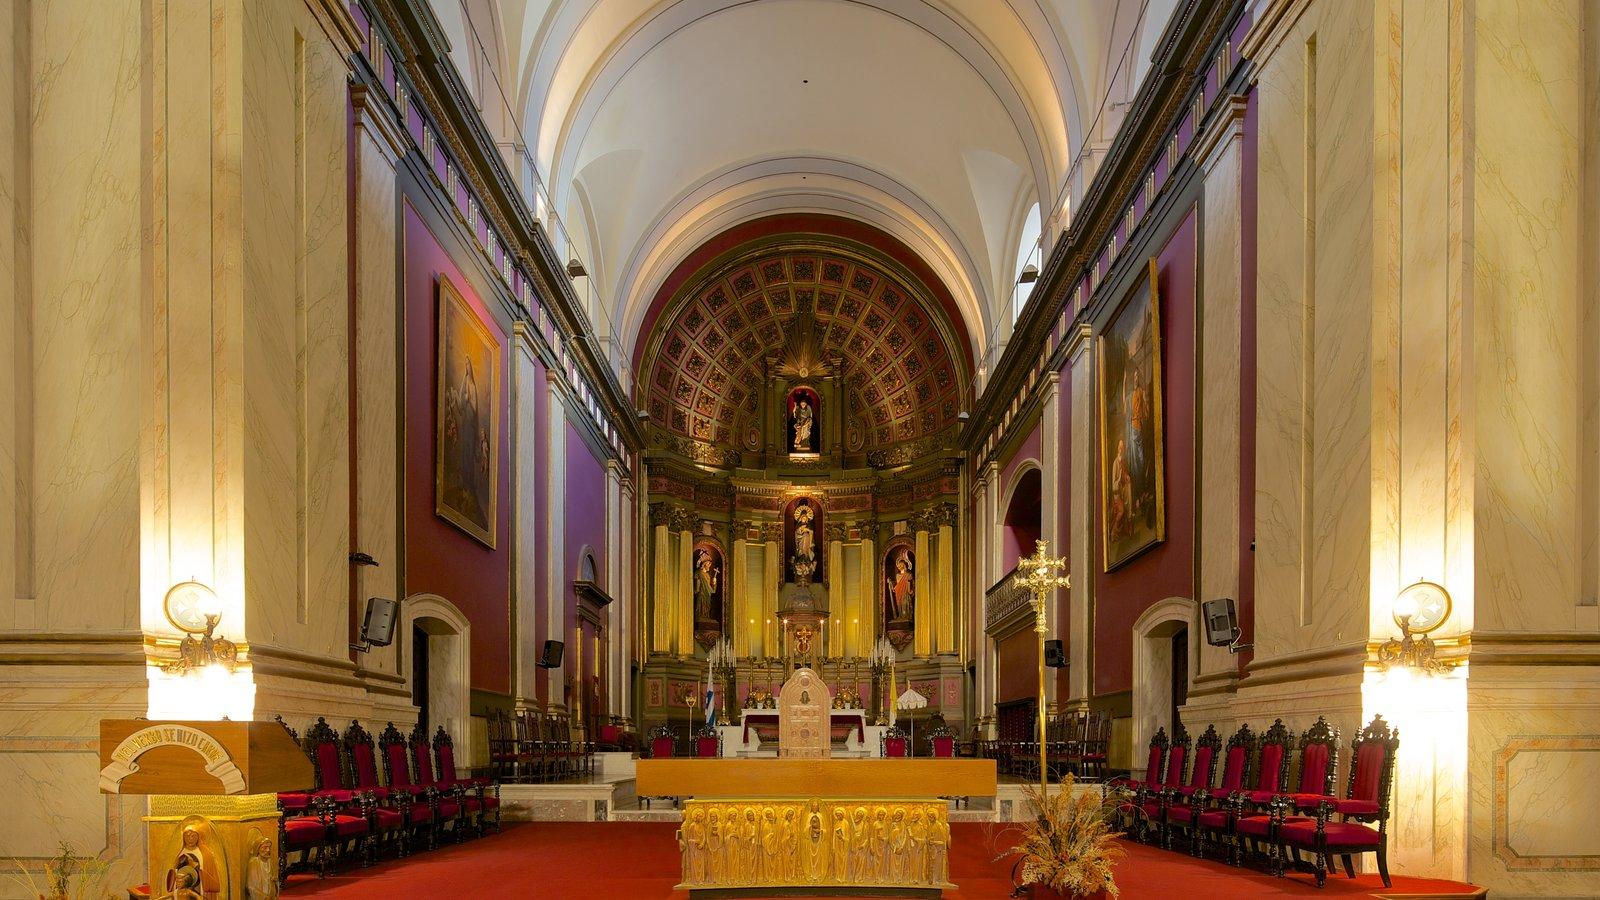 Catedral de Montevideo caracterizando elementos religiosos, uma igreja ou catedral e vistas internas